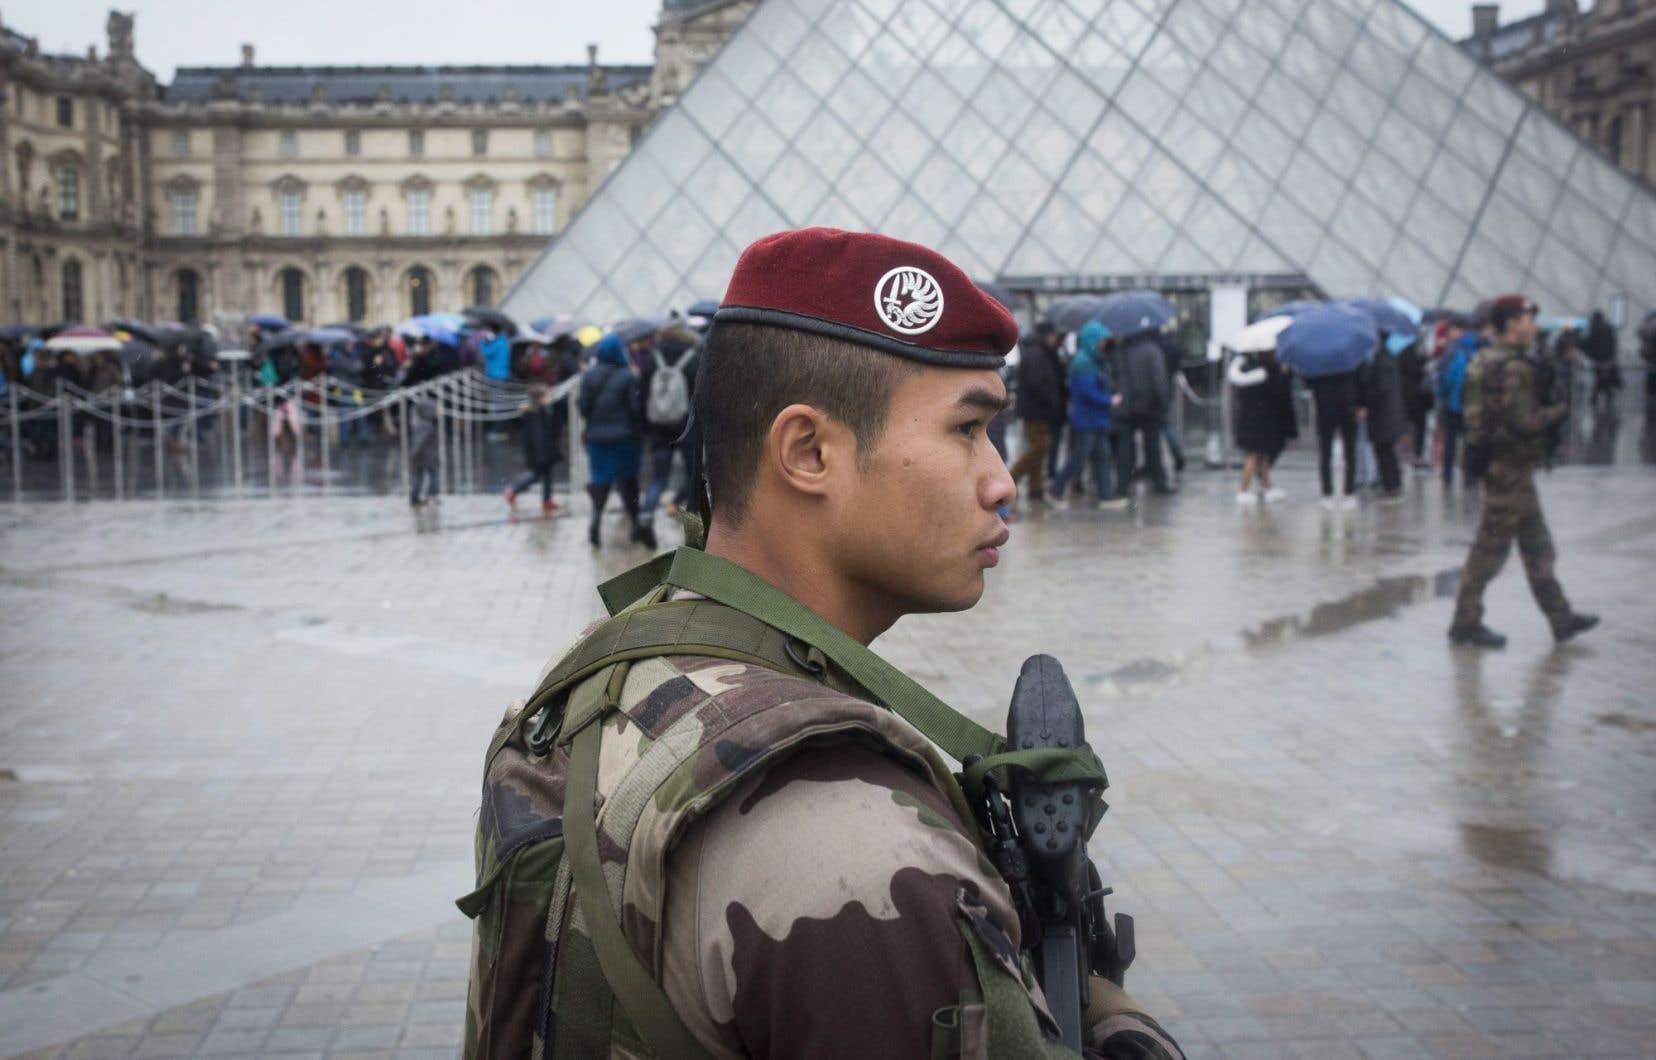 Un soldat français patrouille près du musée du Louvre à Paris, en février 2017, 24 heures après qu'un assaillant brandissant des machettes en criant «Allahou Akbar!» y a été abattu par les autorités.